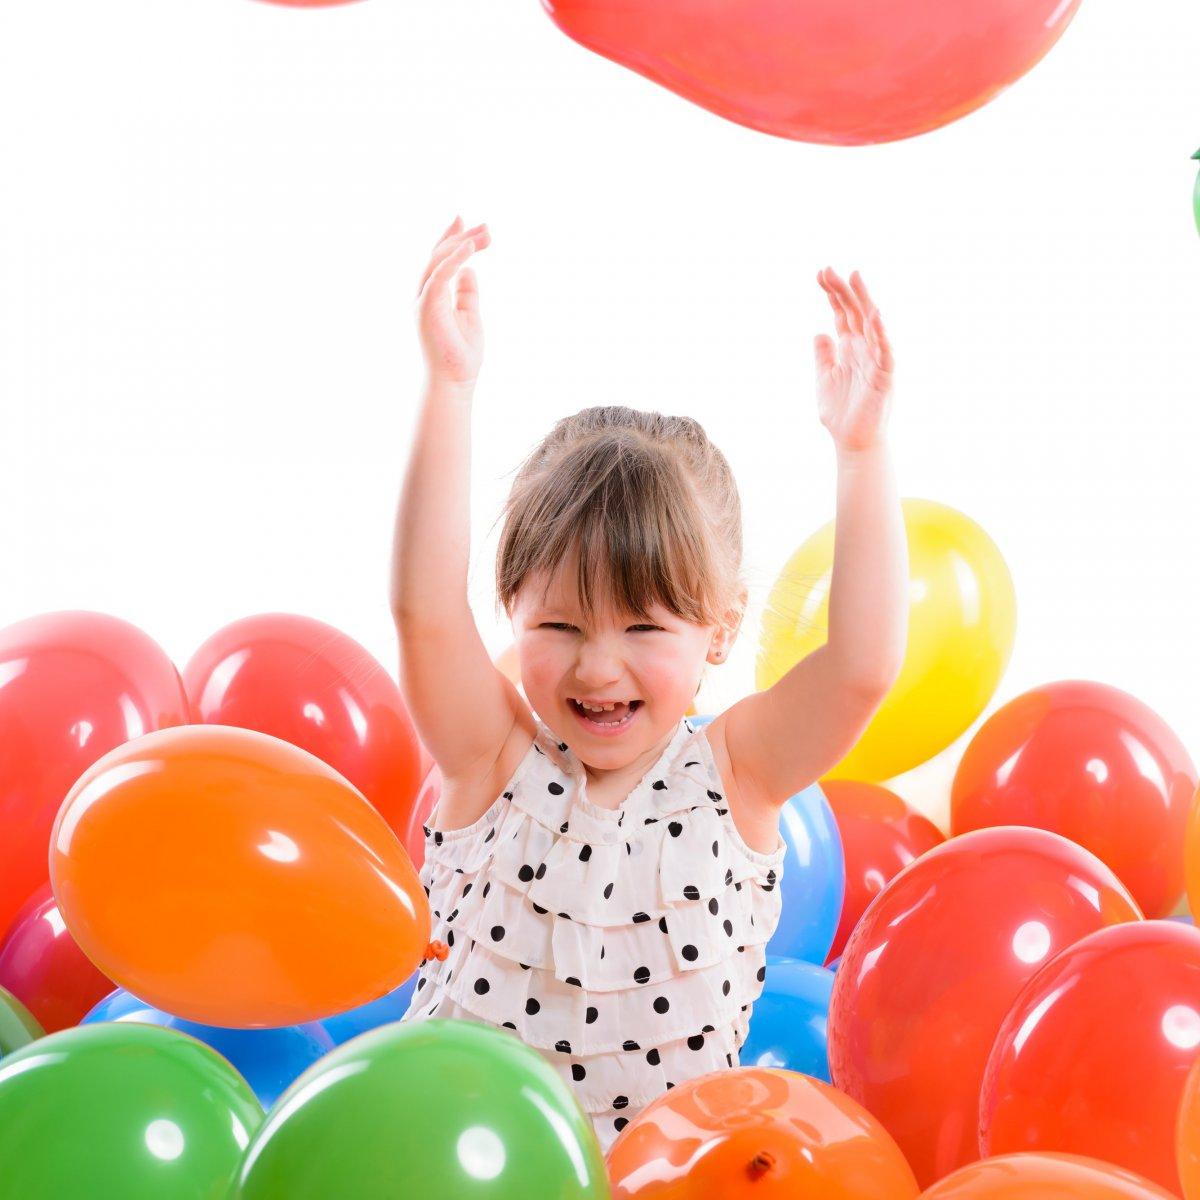 Ein Mädchen sitzt in einem Meer aus bunten Luftballons